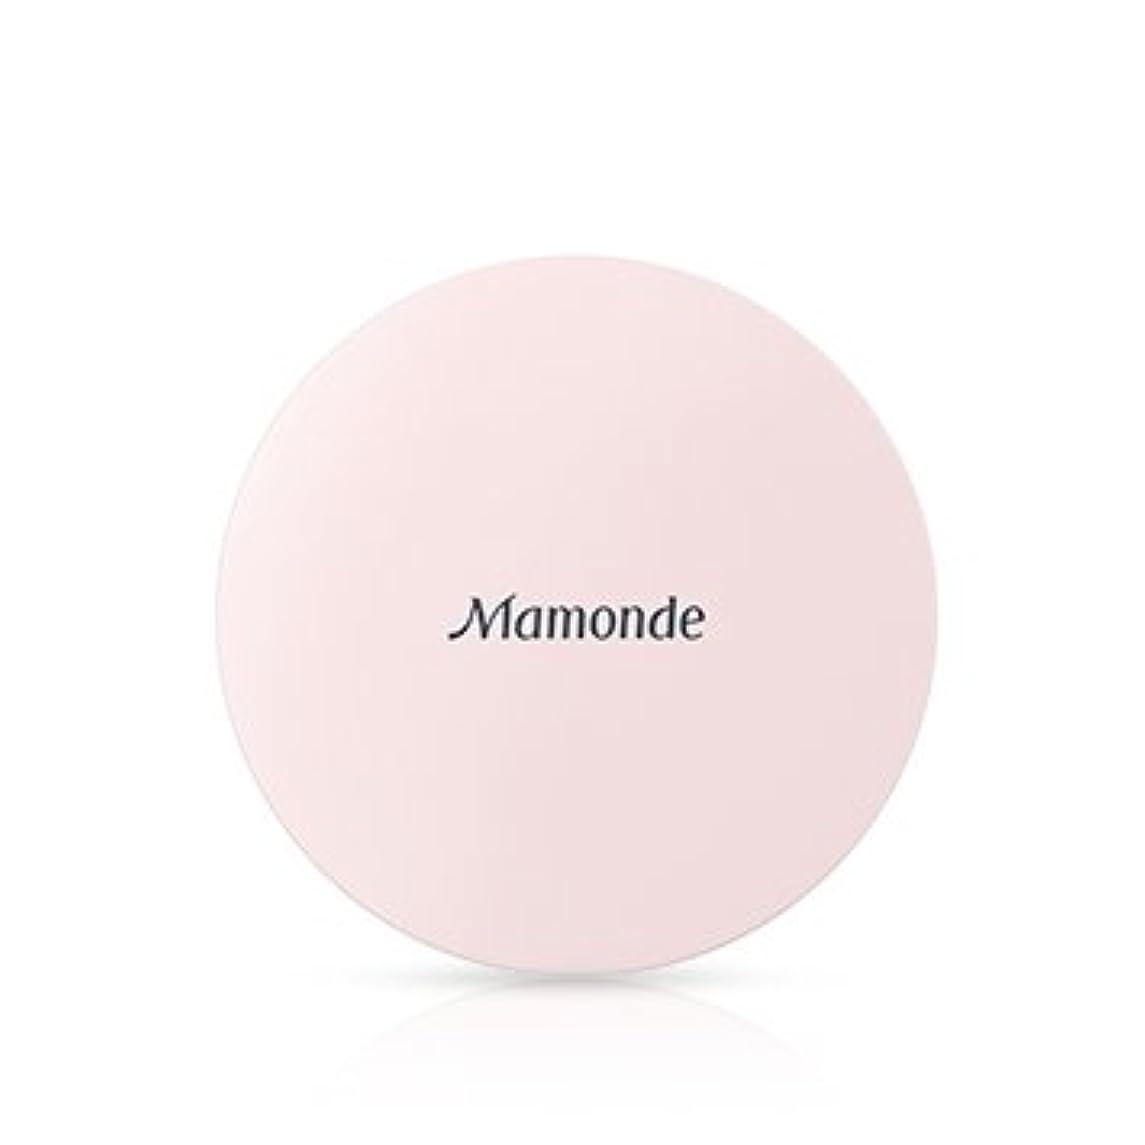 変なミニチュアジョージバーナード[New] Mamonde High Cover Liquid Cushion 15g/マモンド ハイ カバー リキッド クッション 15g (#17 Cover Porcelain) [並行輸入品]